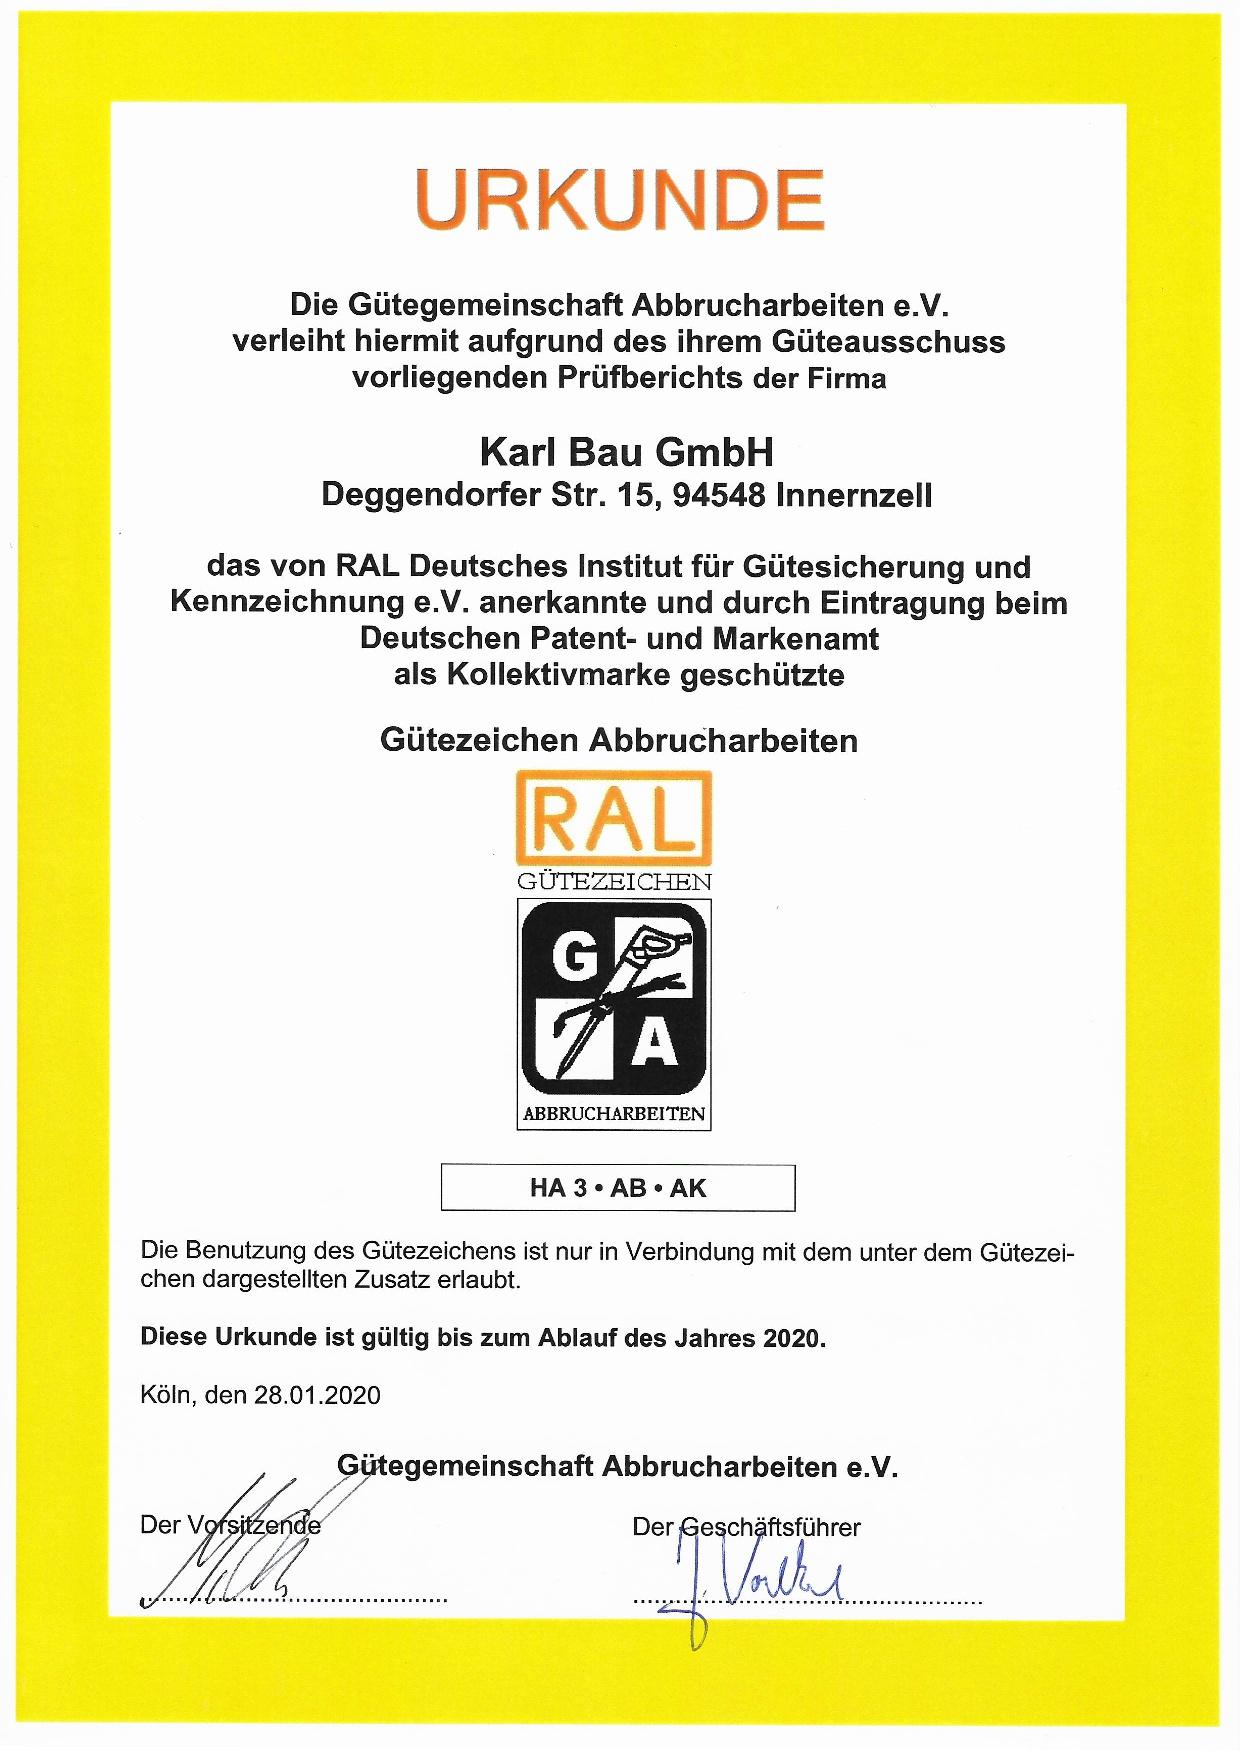 Urkunde RAL Gütezeichen - Abbrucharbeiten, Gültigkeit 2020